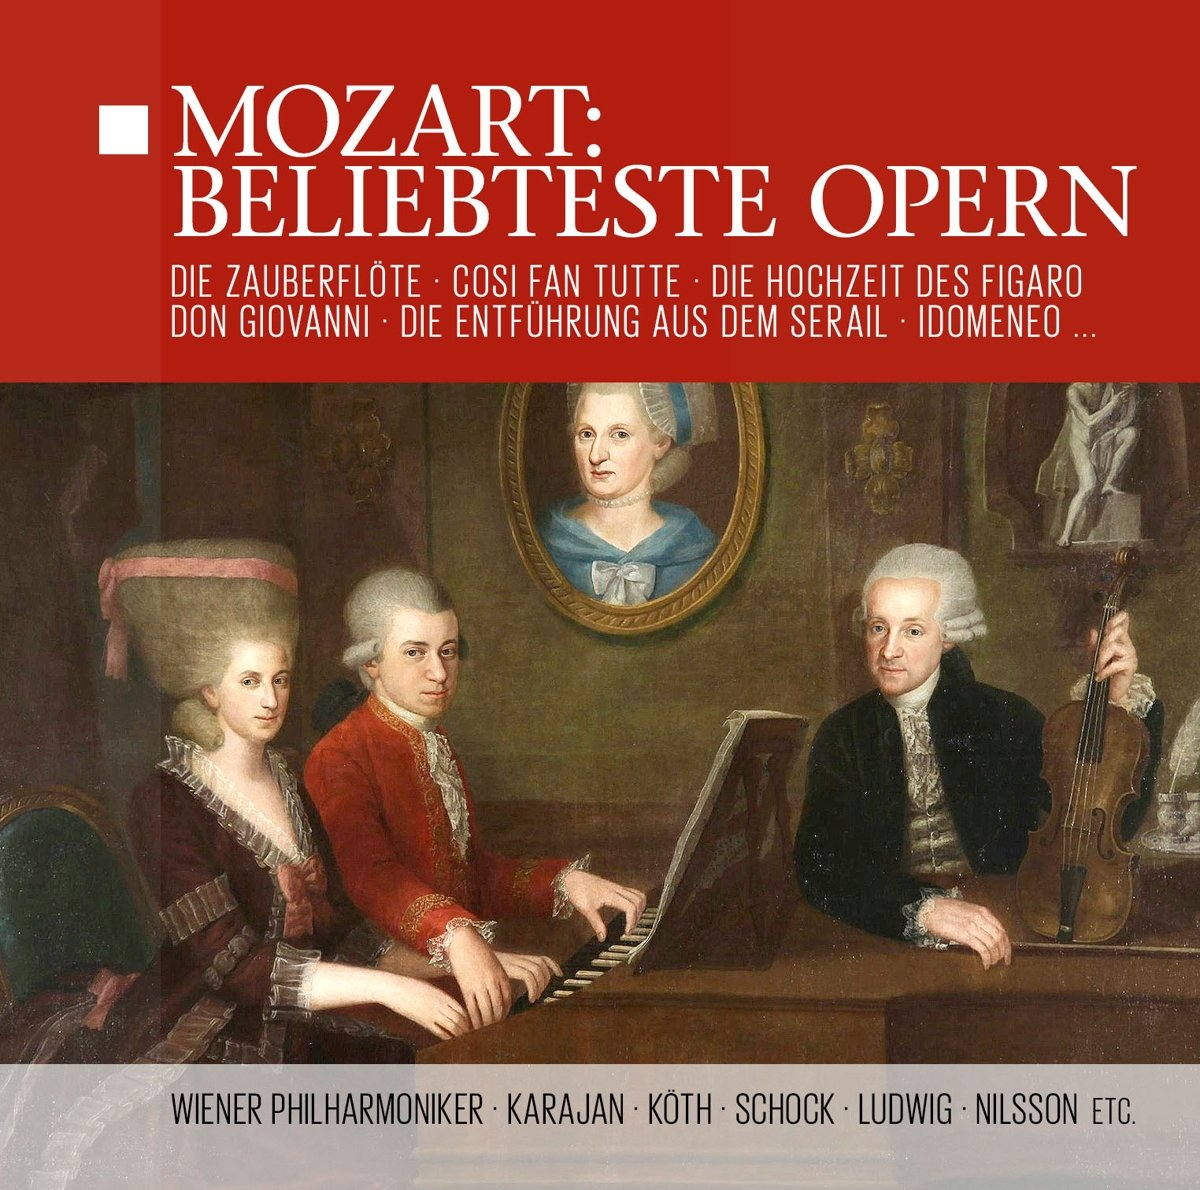 лучшая цена Wolfgang Amadeus Mozart. Beliebteste Opern (Wiener Philharmoniker, Herbert Von Karajan) (14 CD)